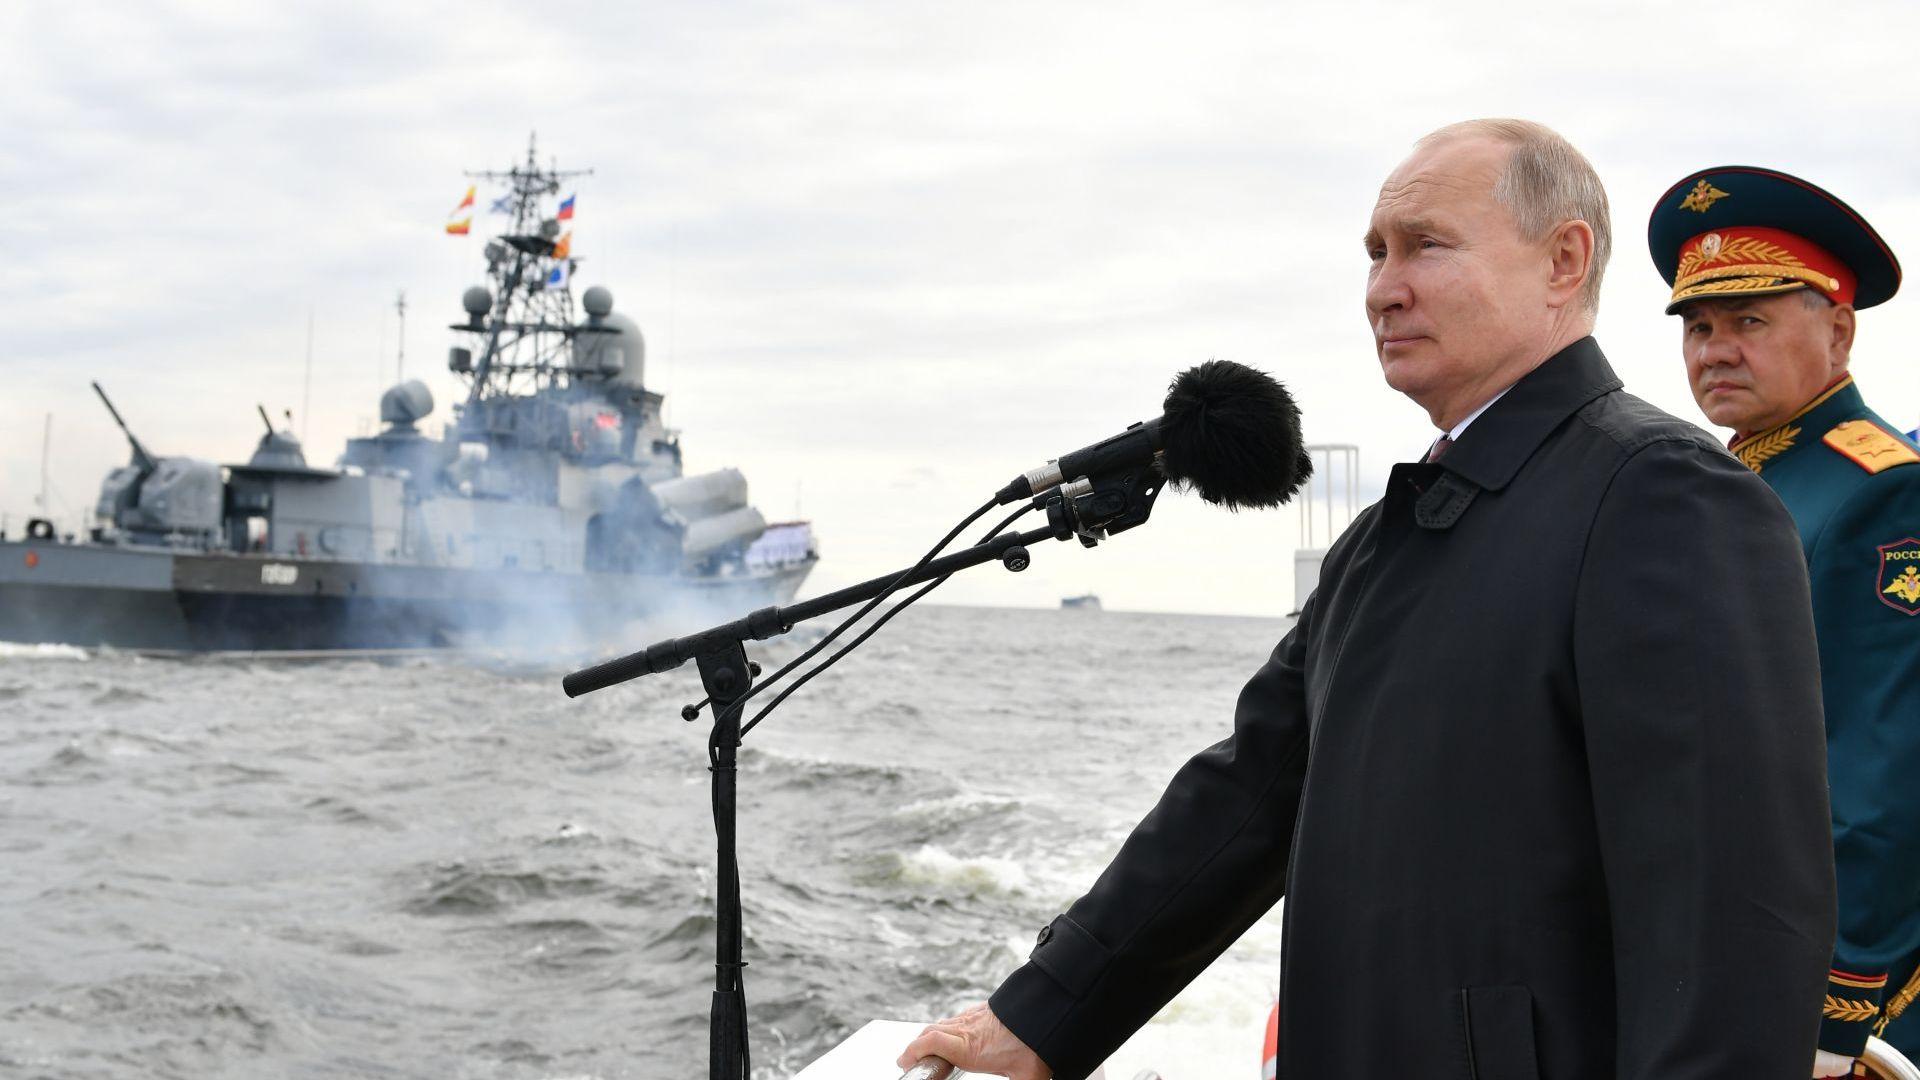 Путин на военноморския парад: Русия може да открие всякакъв противник и да му нанесе удар (снимки)